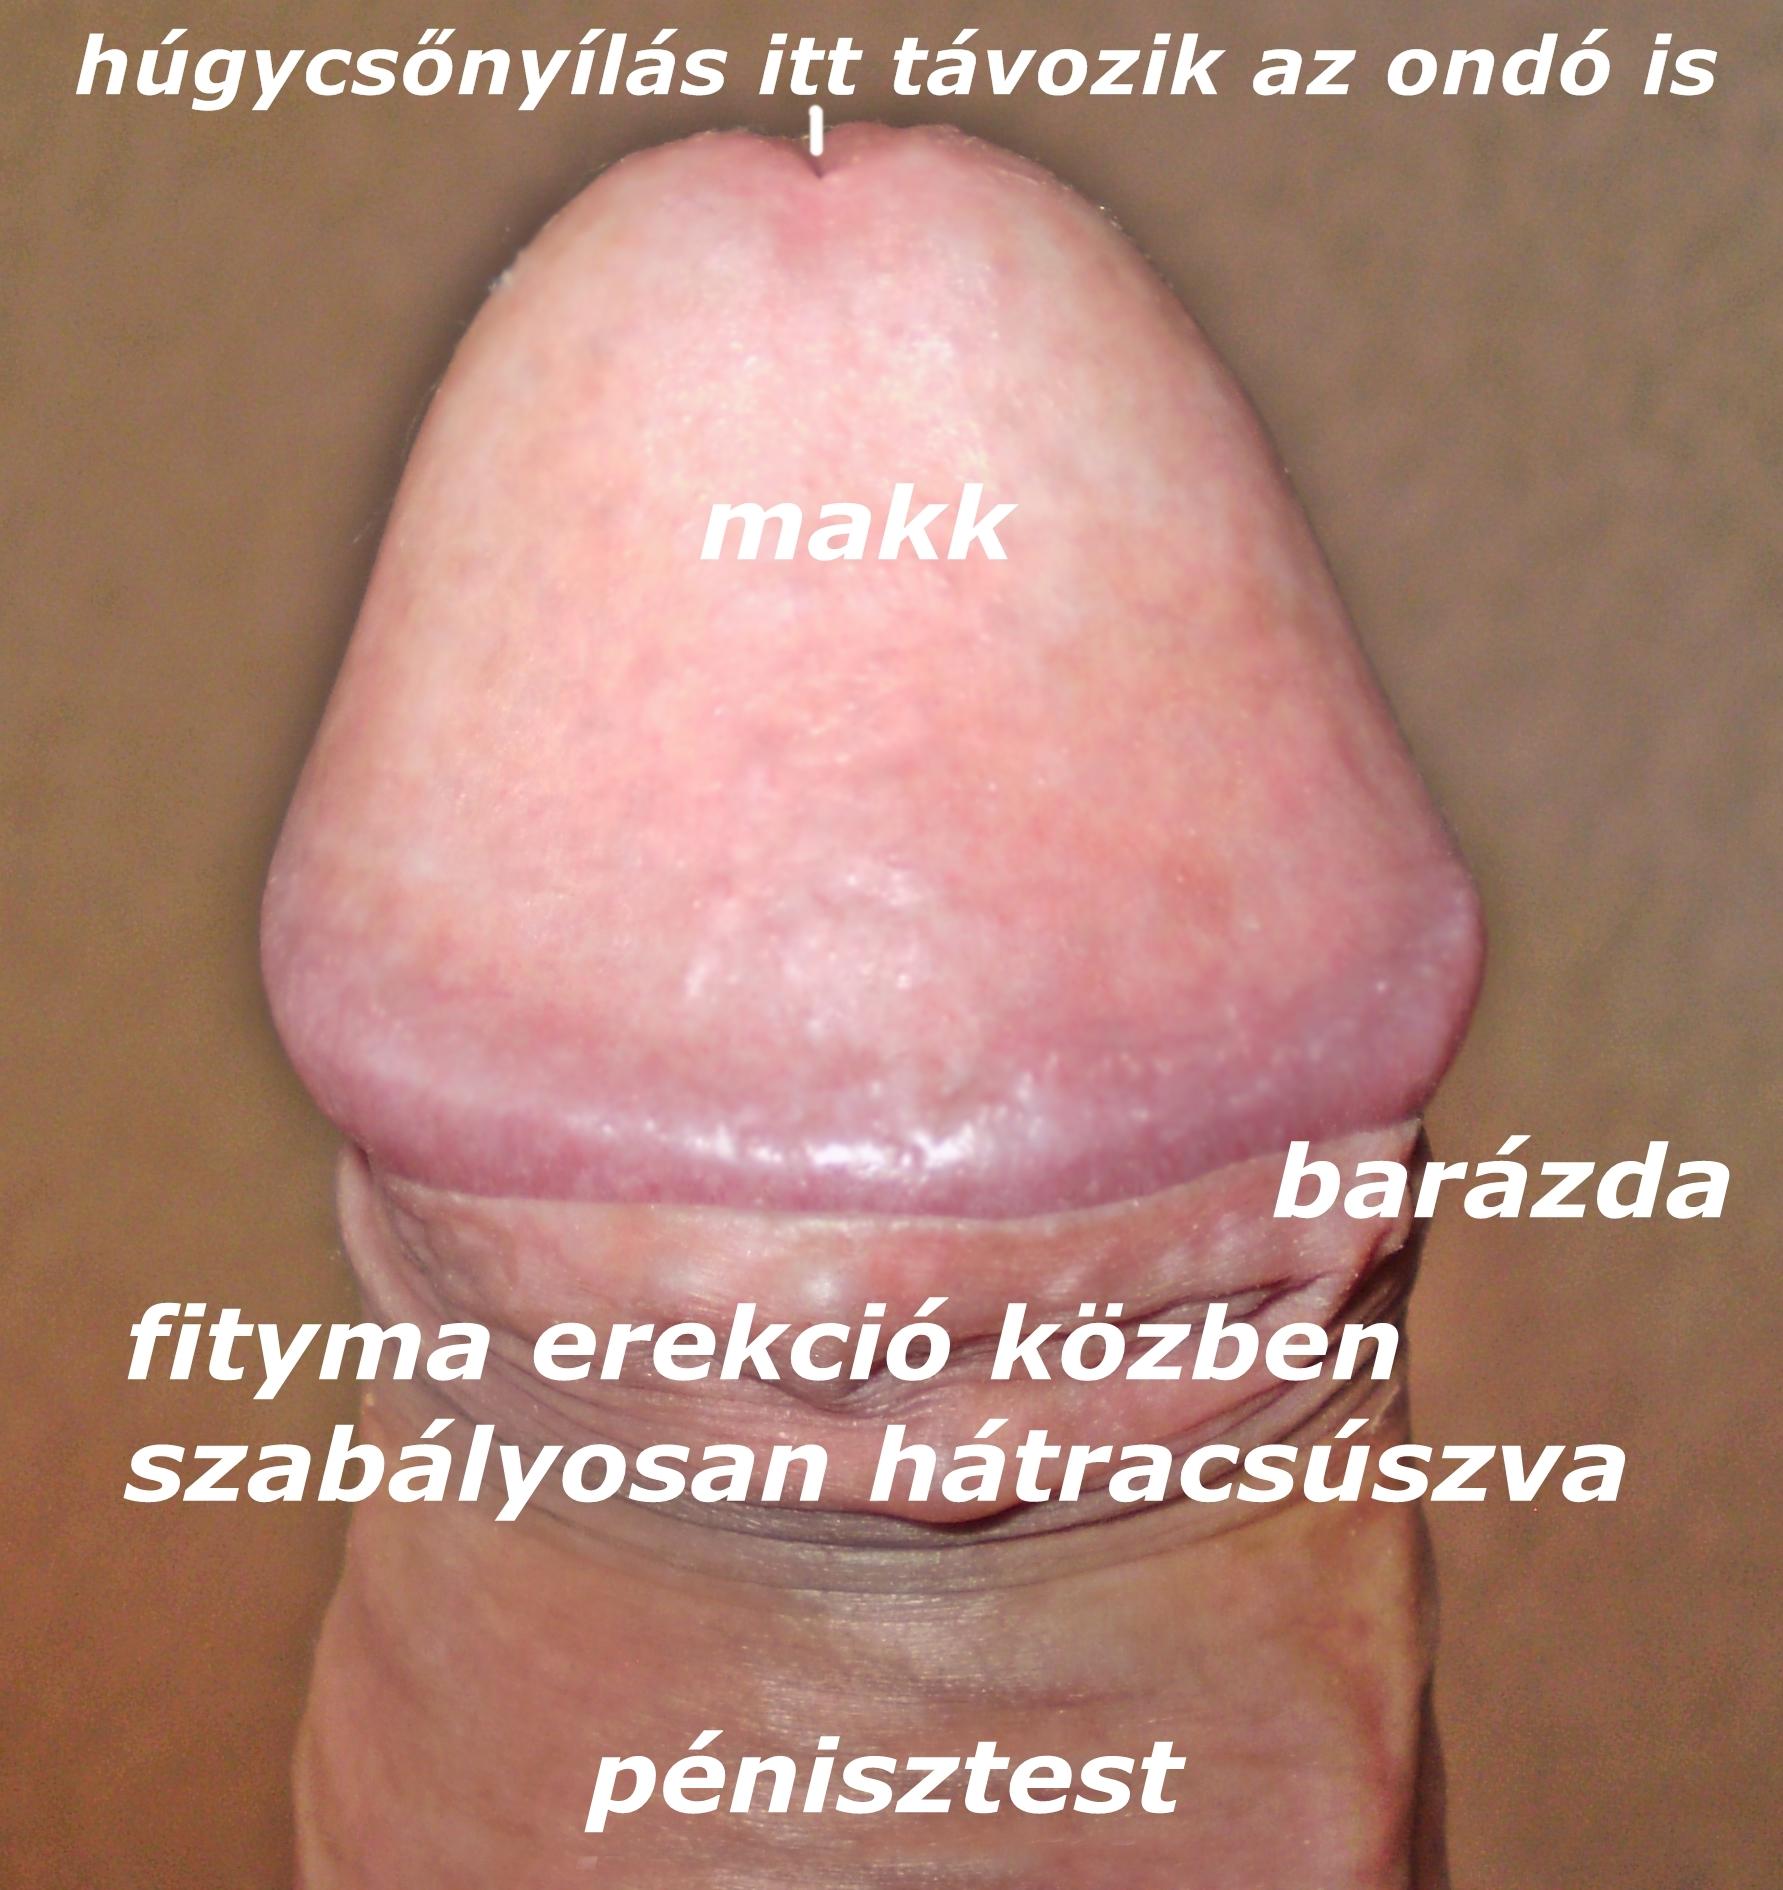 a férfi nem kap péniszt késleltetett férfi erekció